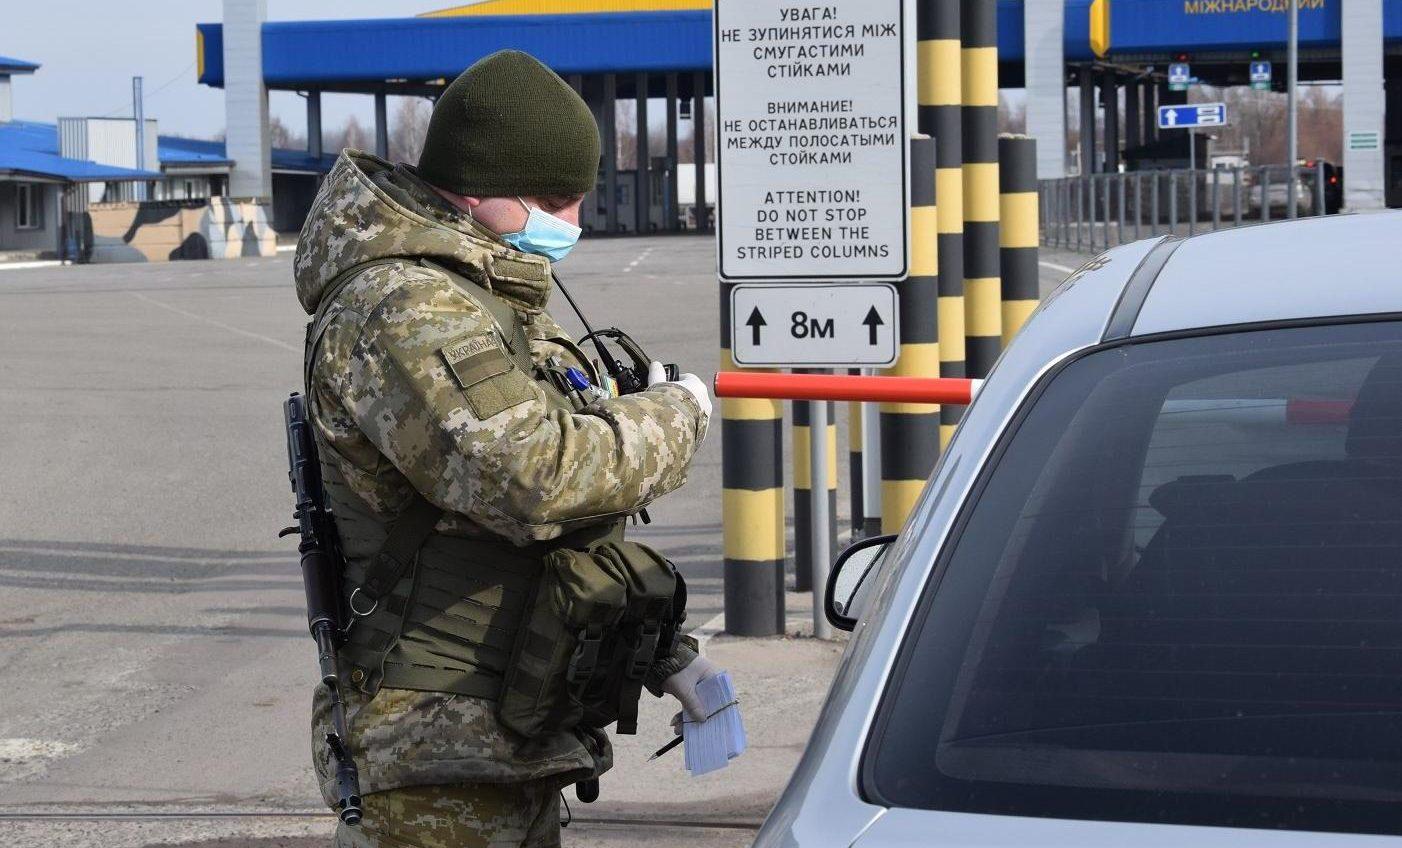 Новогодние путешествия: границу Украины пересекли 20 тысяч человек «фото»